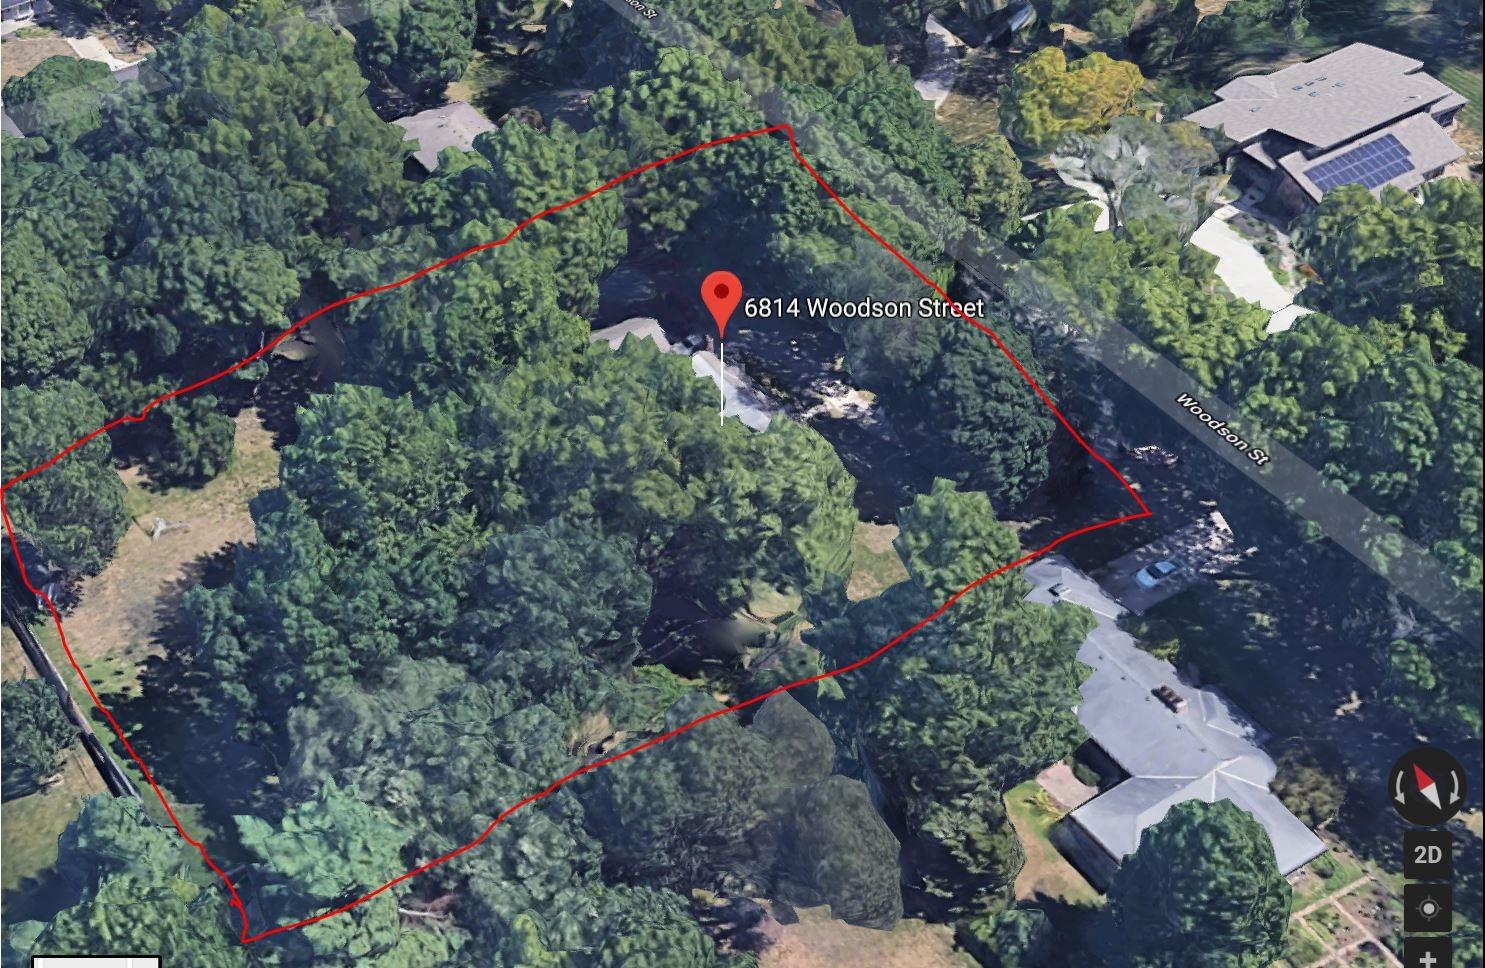 6814 woodson house image 4